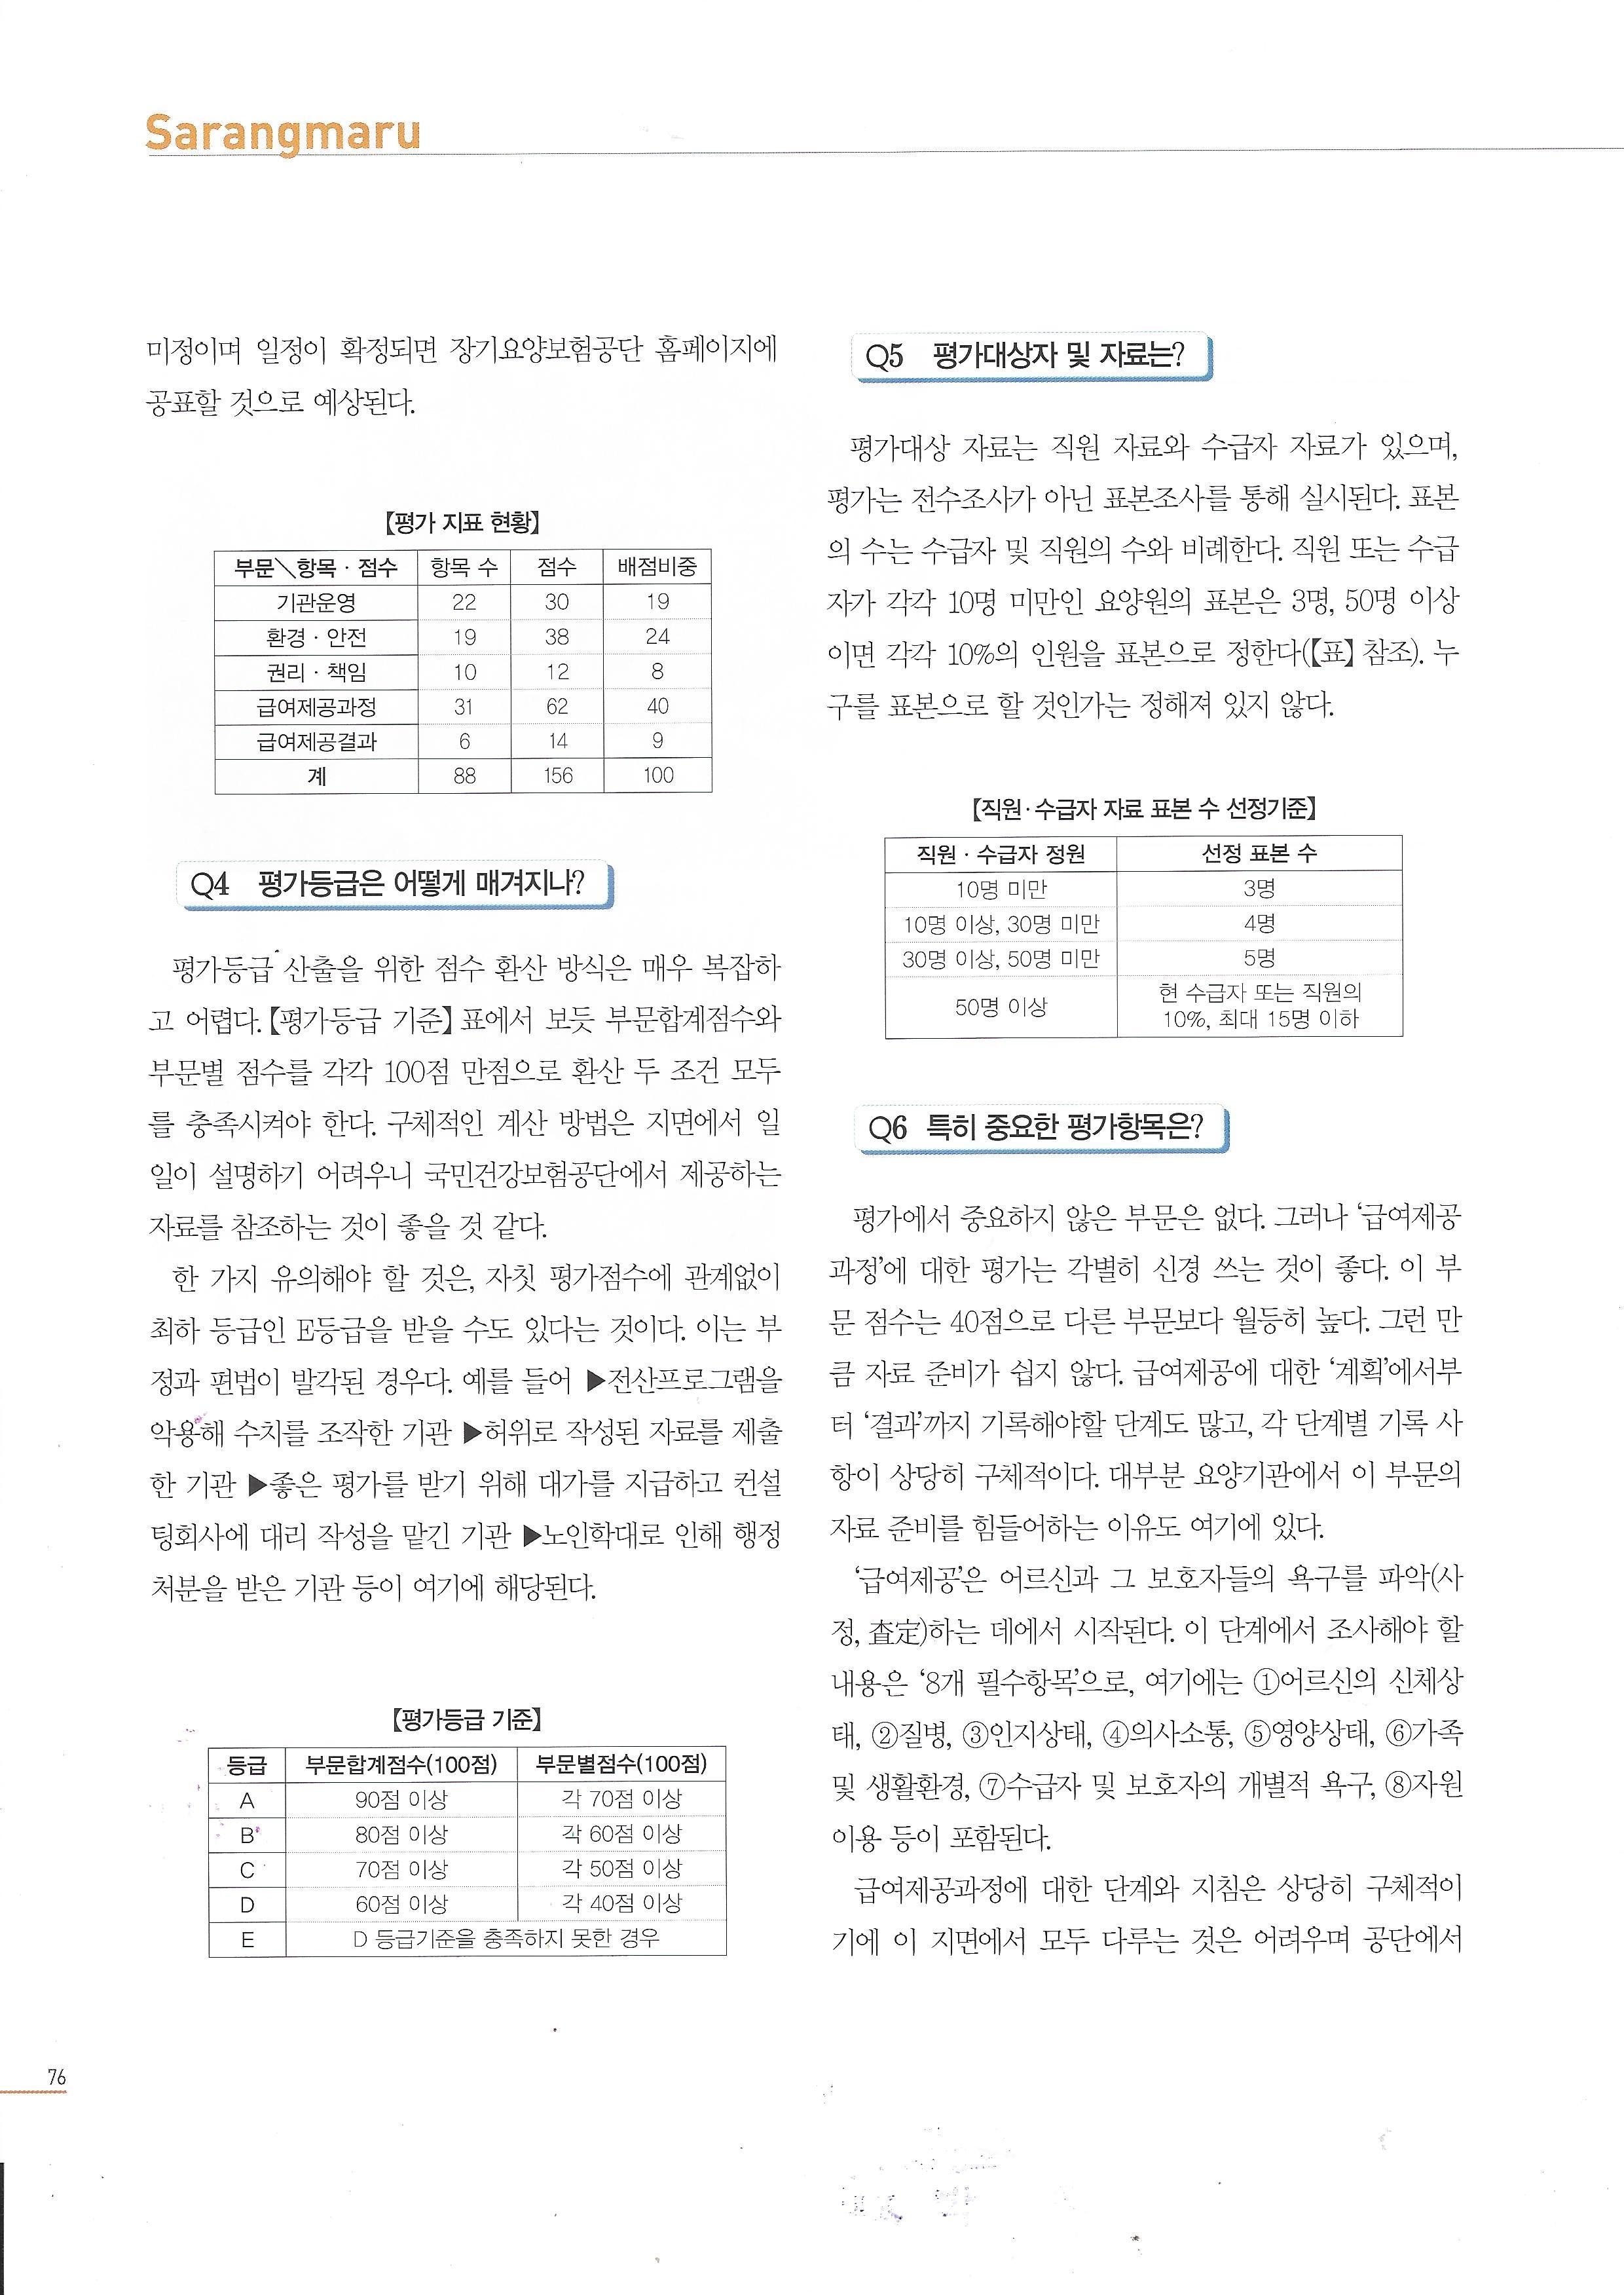 김순희원장3